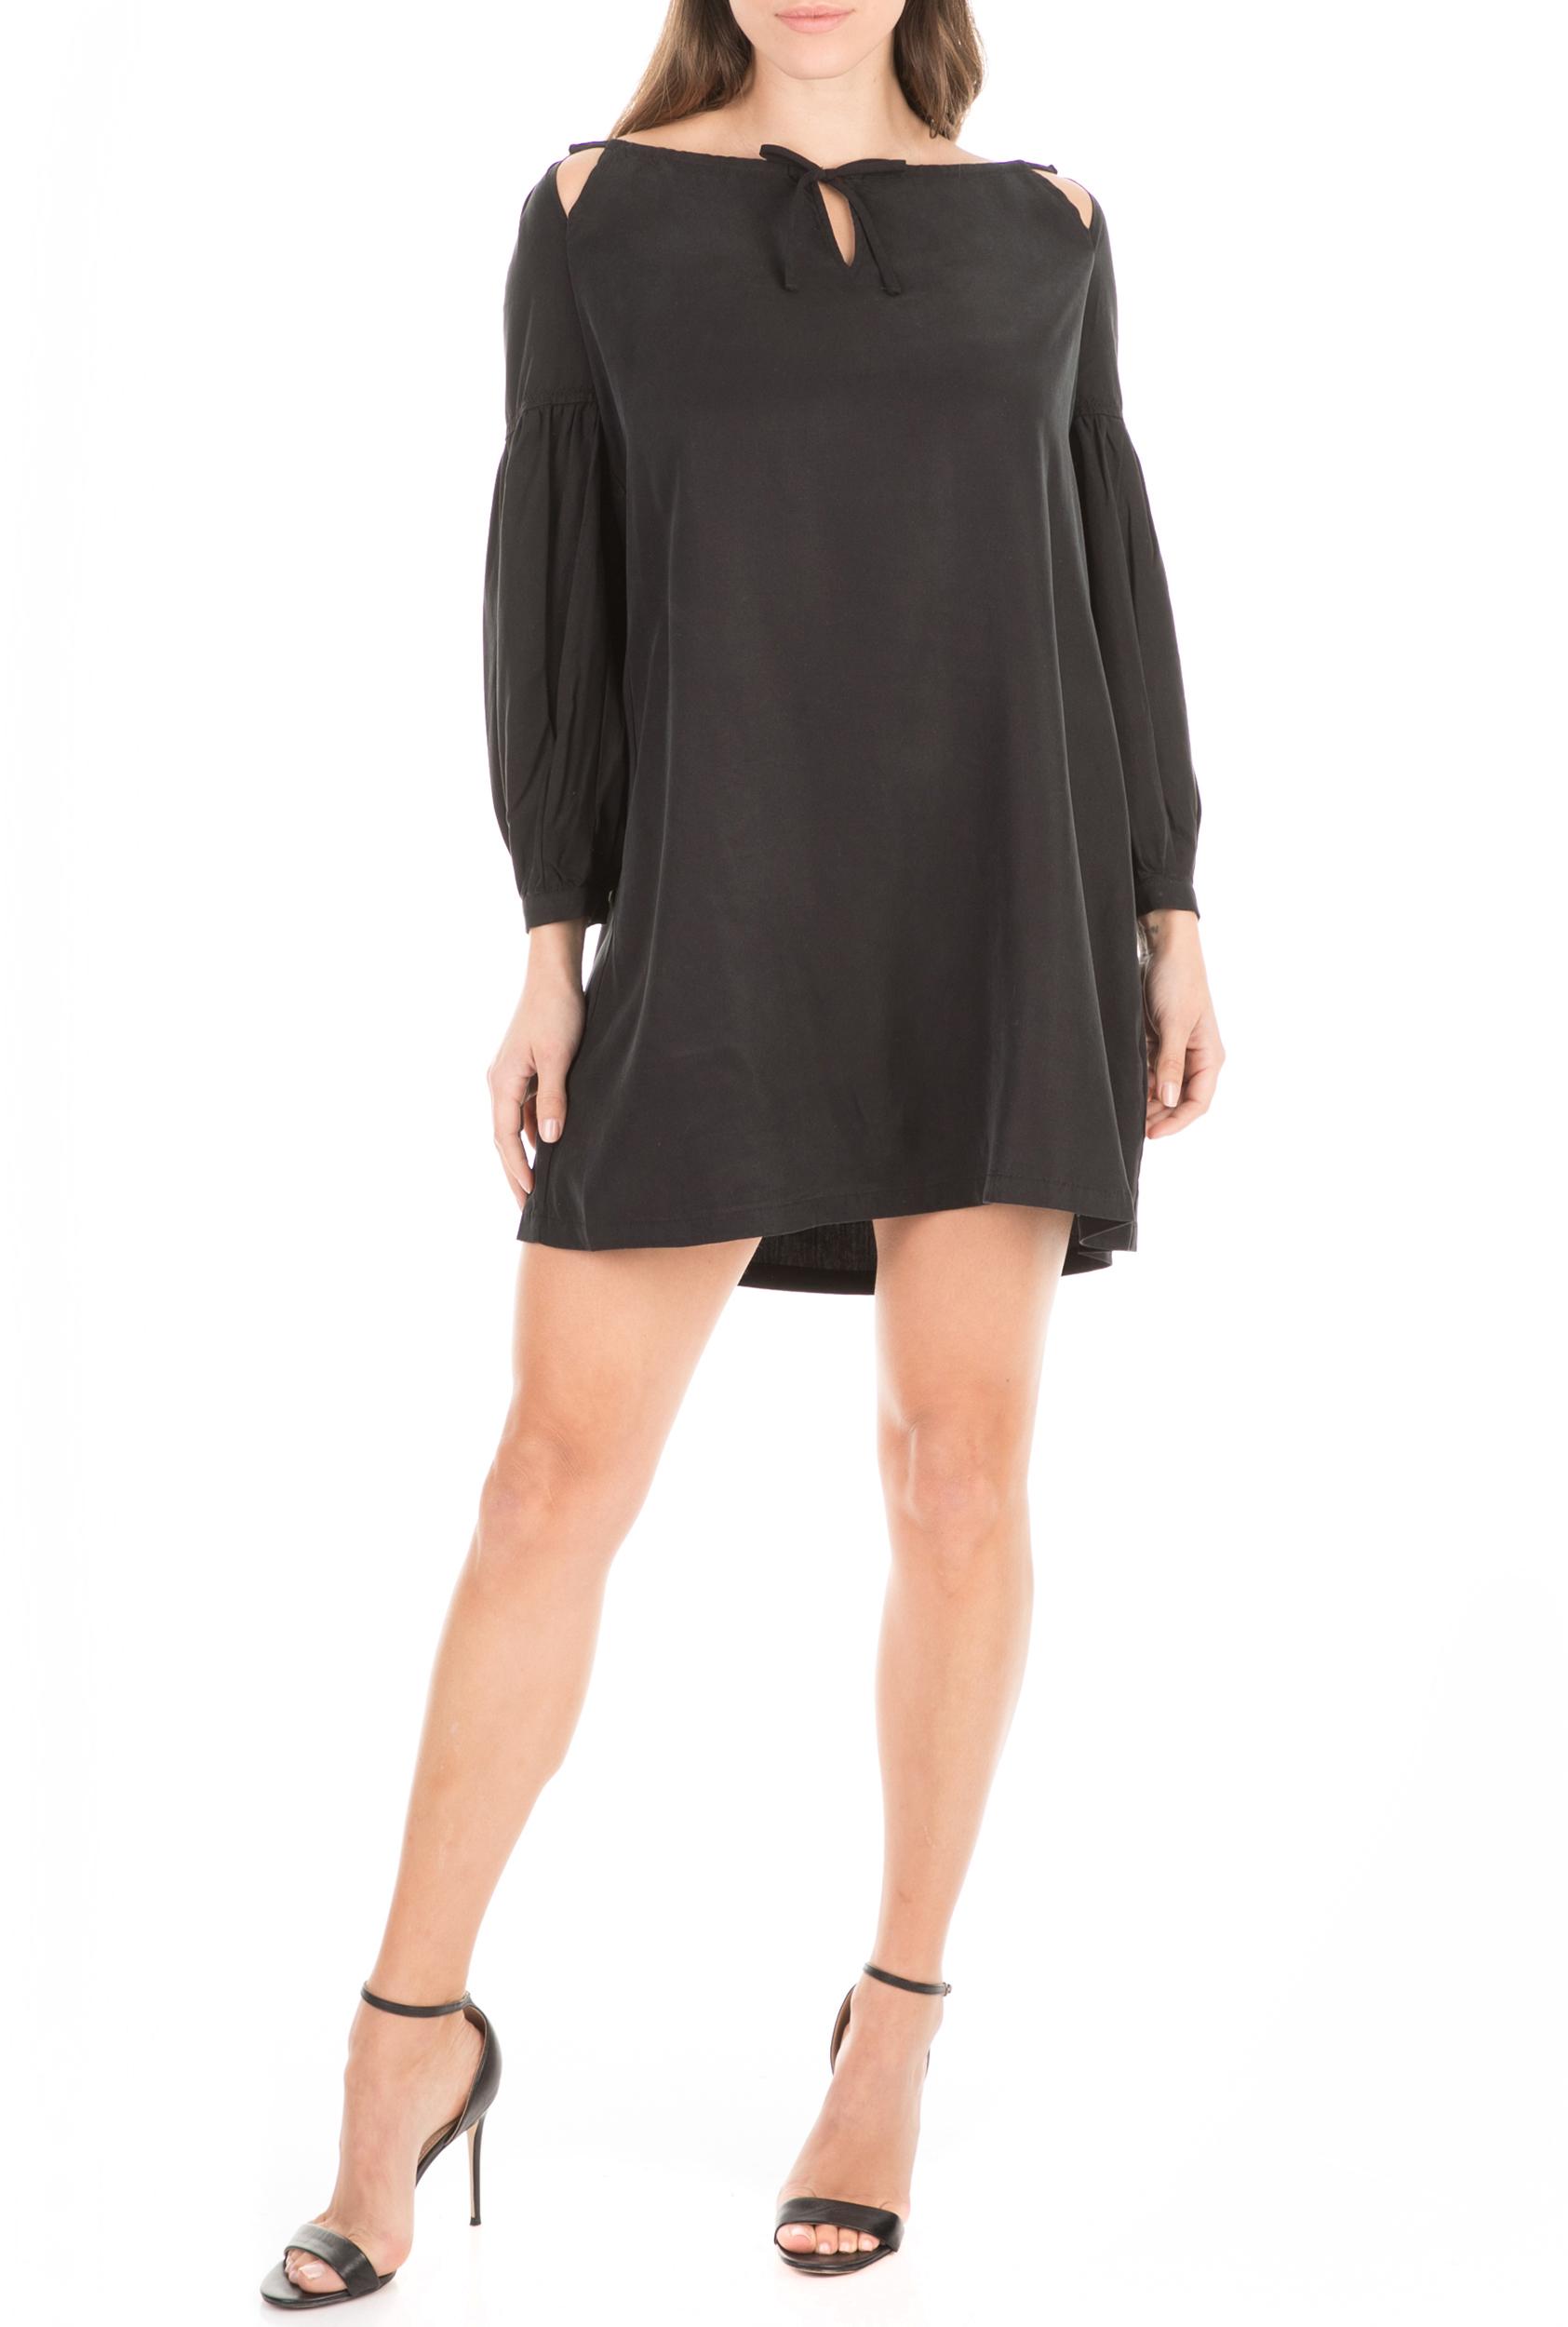 SUPERDRY - Γυναικείο mini φόρεμα SUPERDRY ARIZONA μαύρο γυναικεία ρούχα φόρεματα μίνι